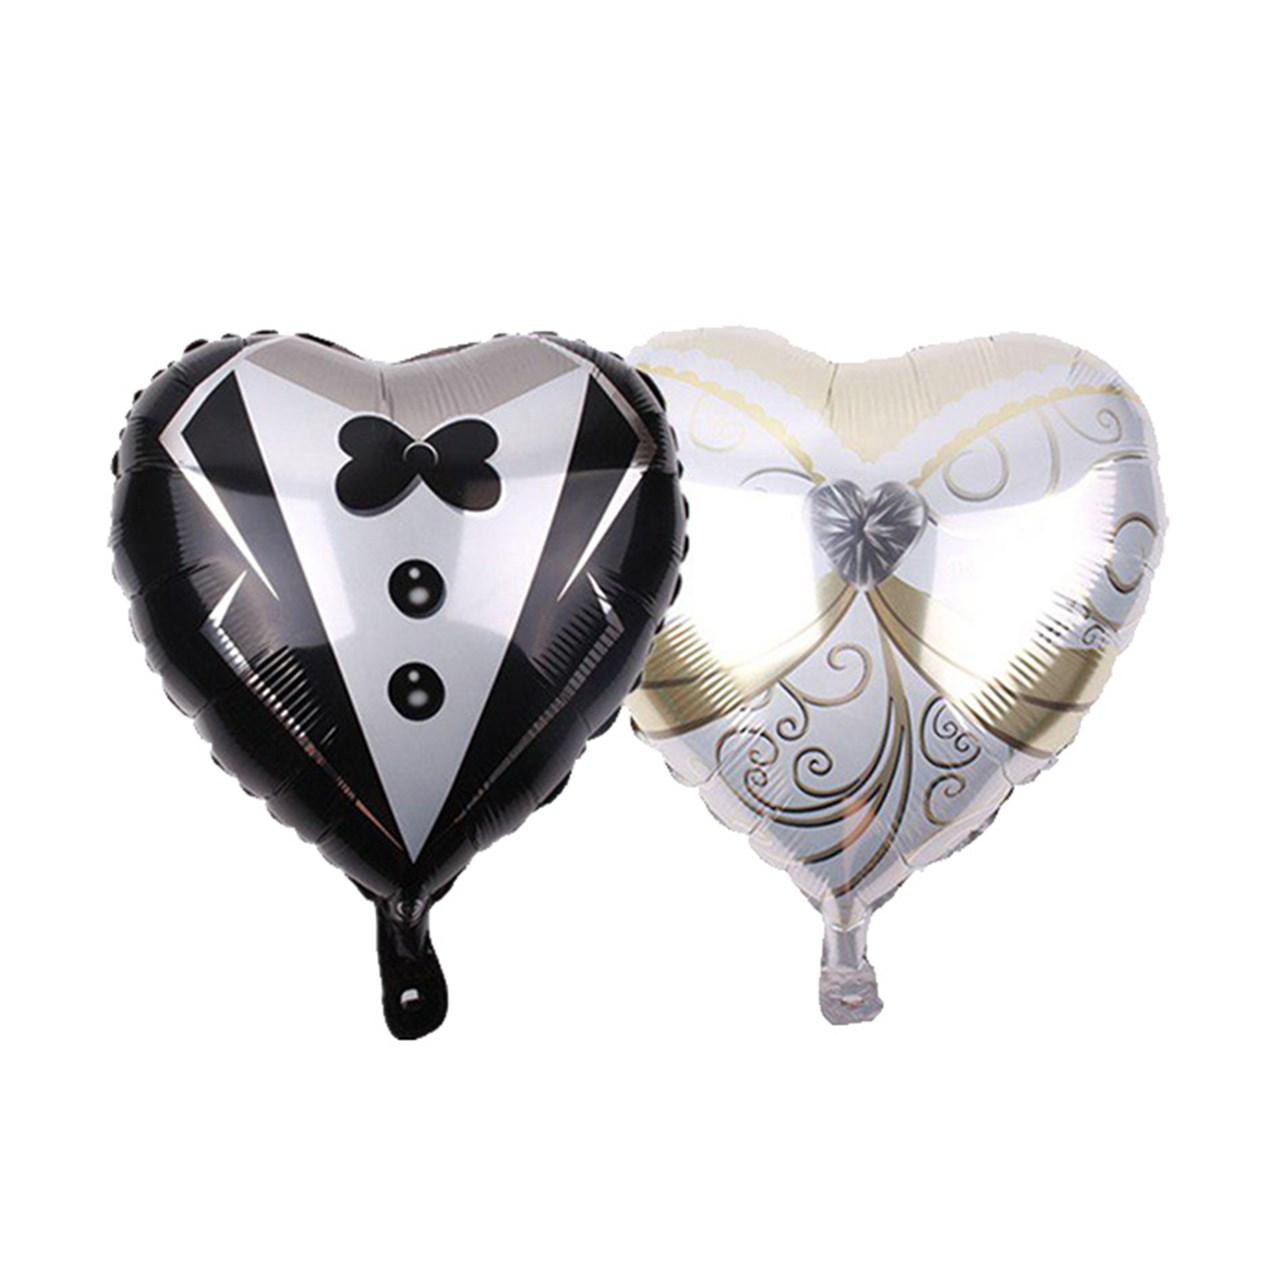 بادکنک فویلی سورتک مدل قلب عروس و داماد بسته 2 عددی